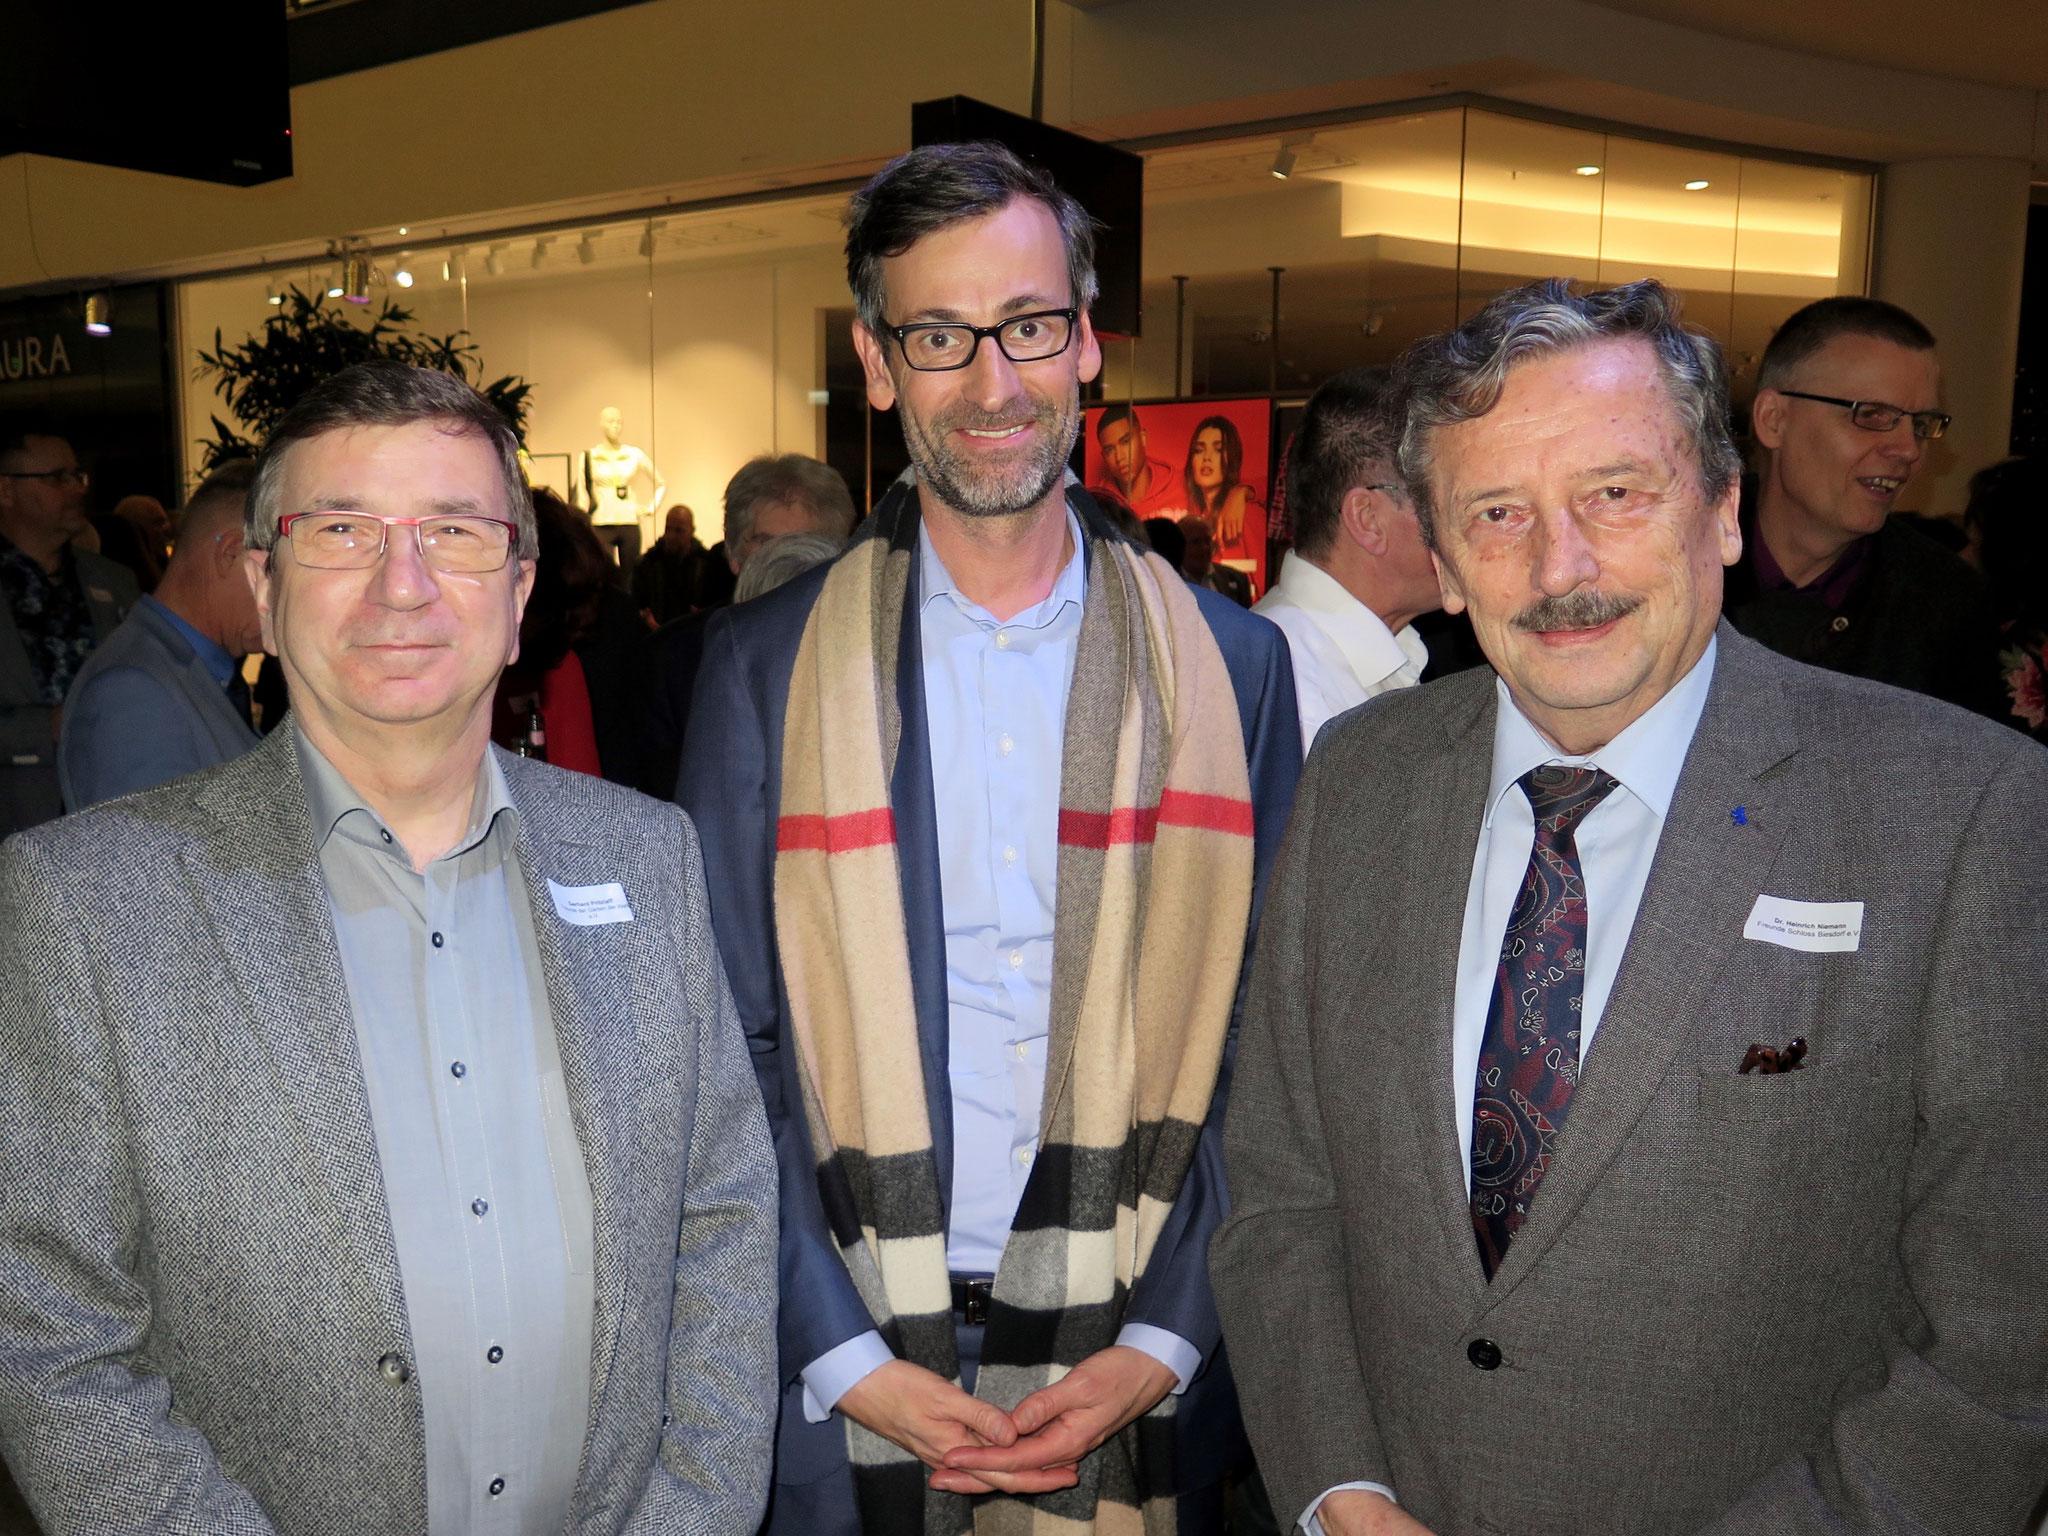 Gerhard Pritzlaff (Freunde der Gärten der Welt) mit dem SPD-Abgeordneten Sven Kohlmeier und Dr. Heinrich Niemann (Freunde Schloss Biesdorf)